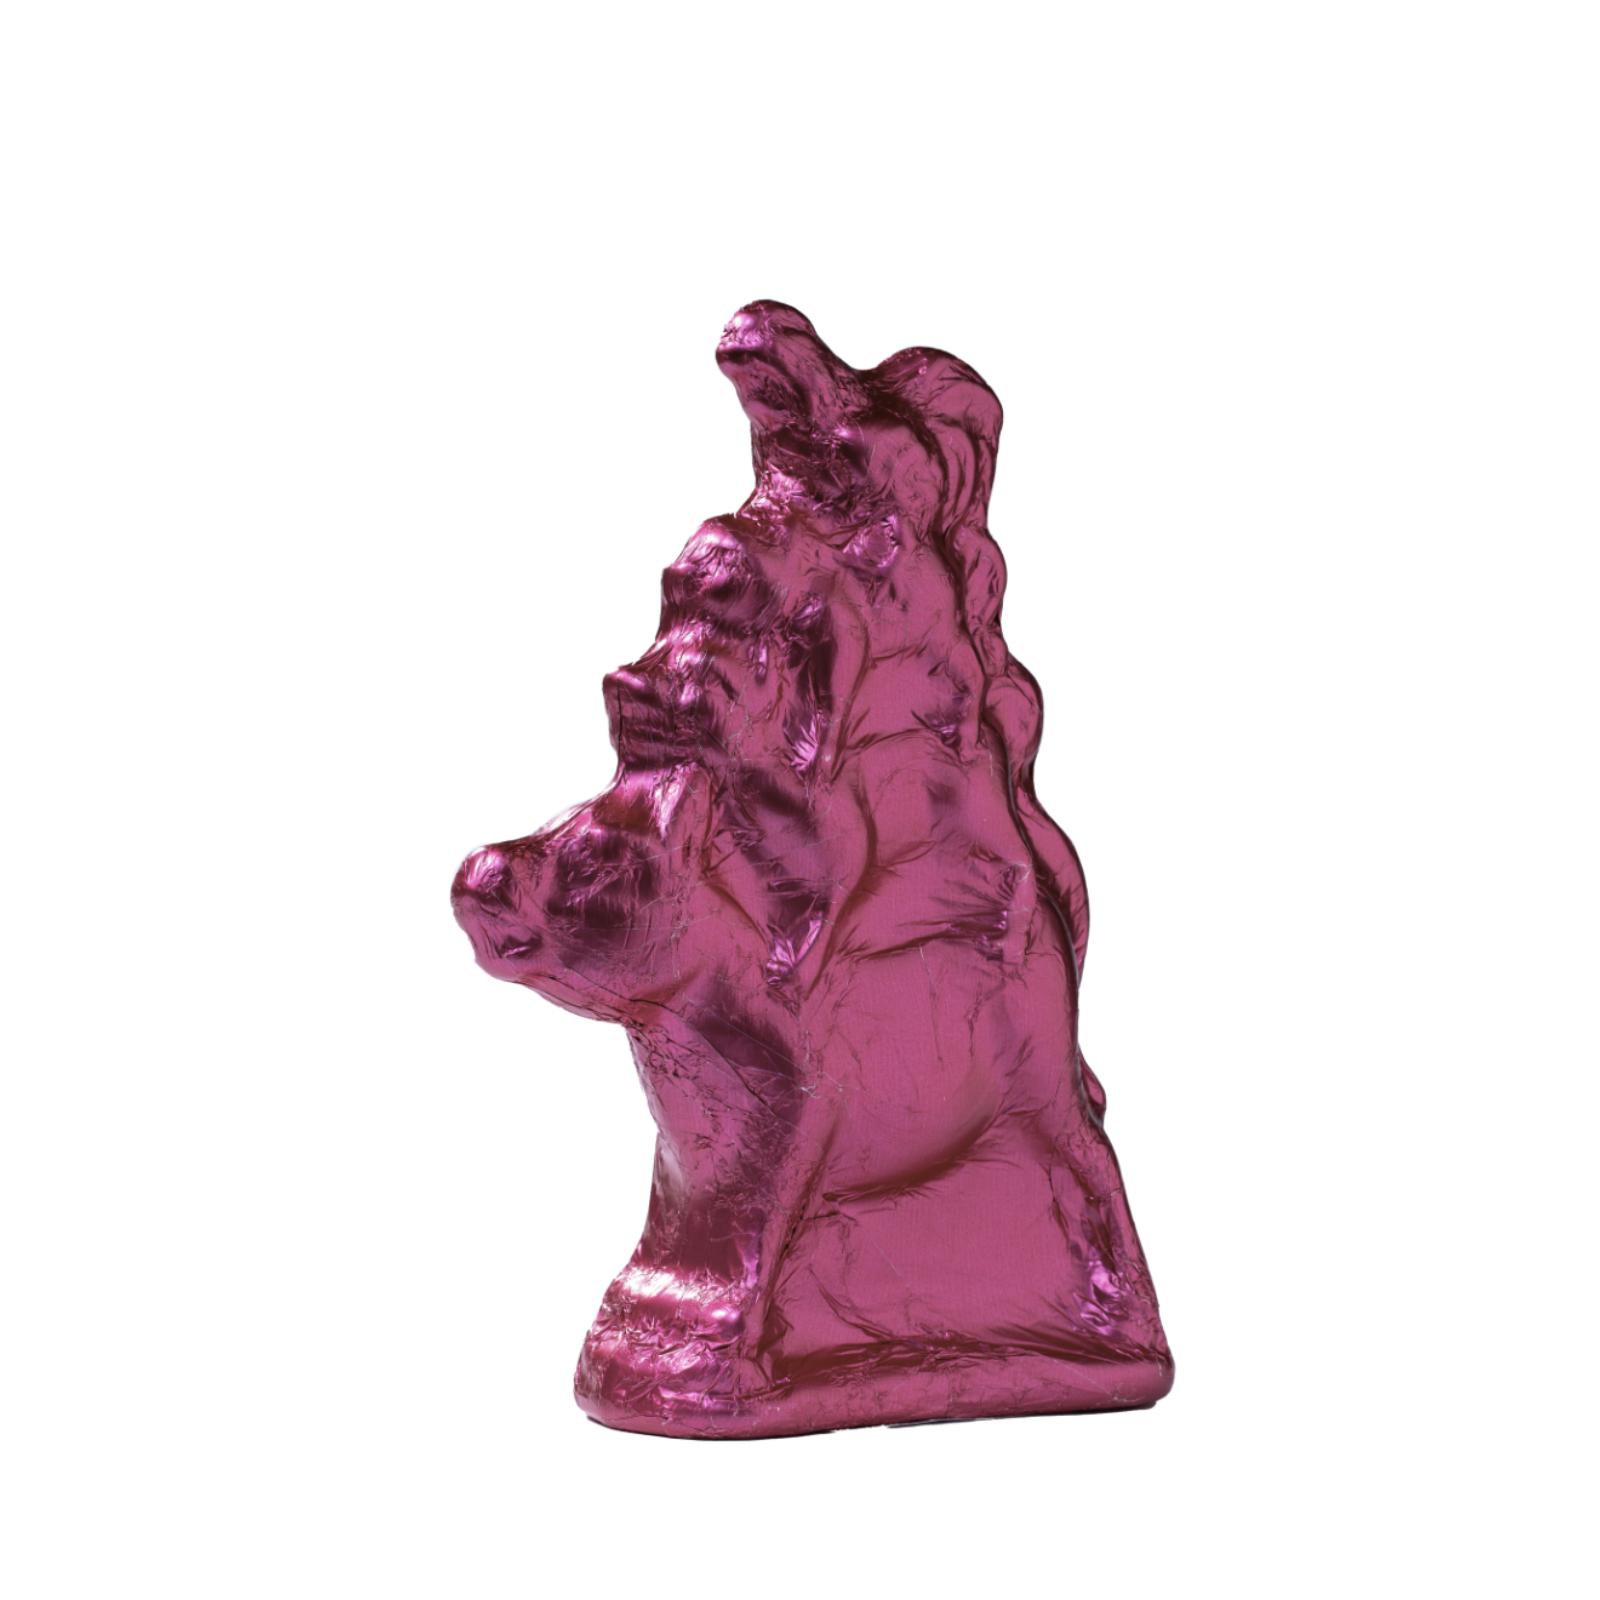 bremer-box-bremer-stadtmusikanten-schokolade-figur-pink